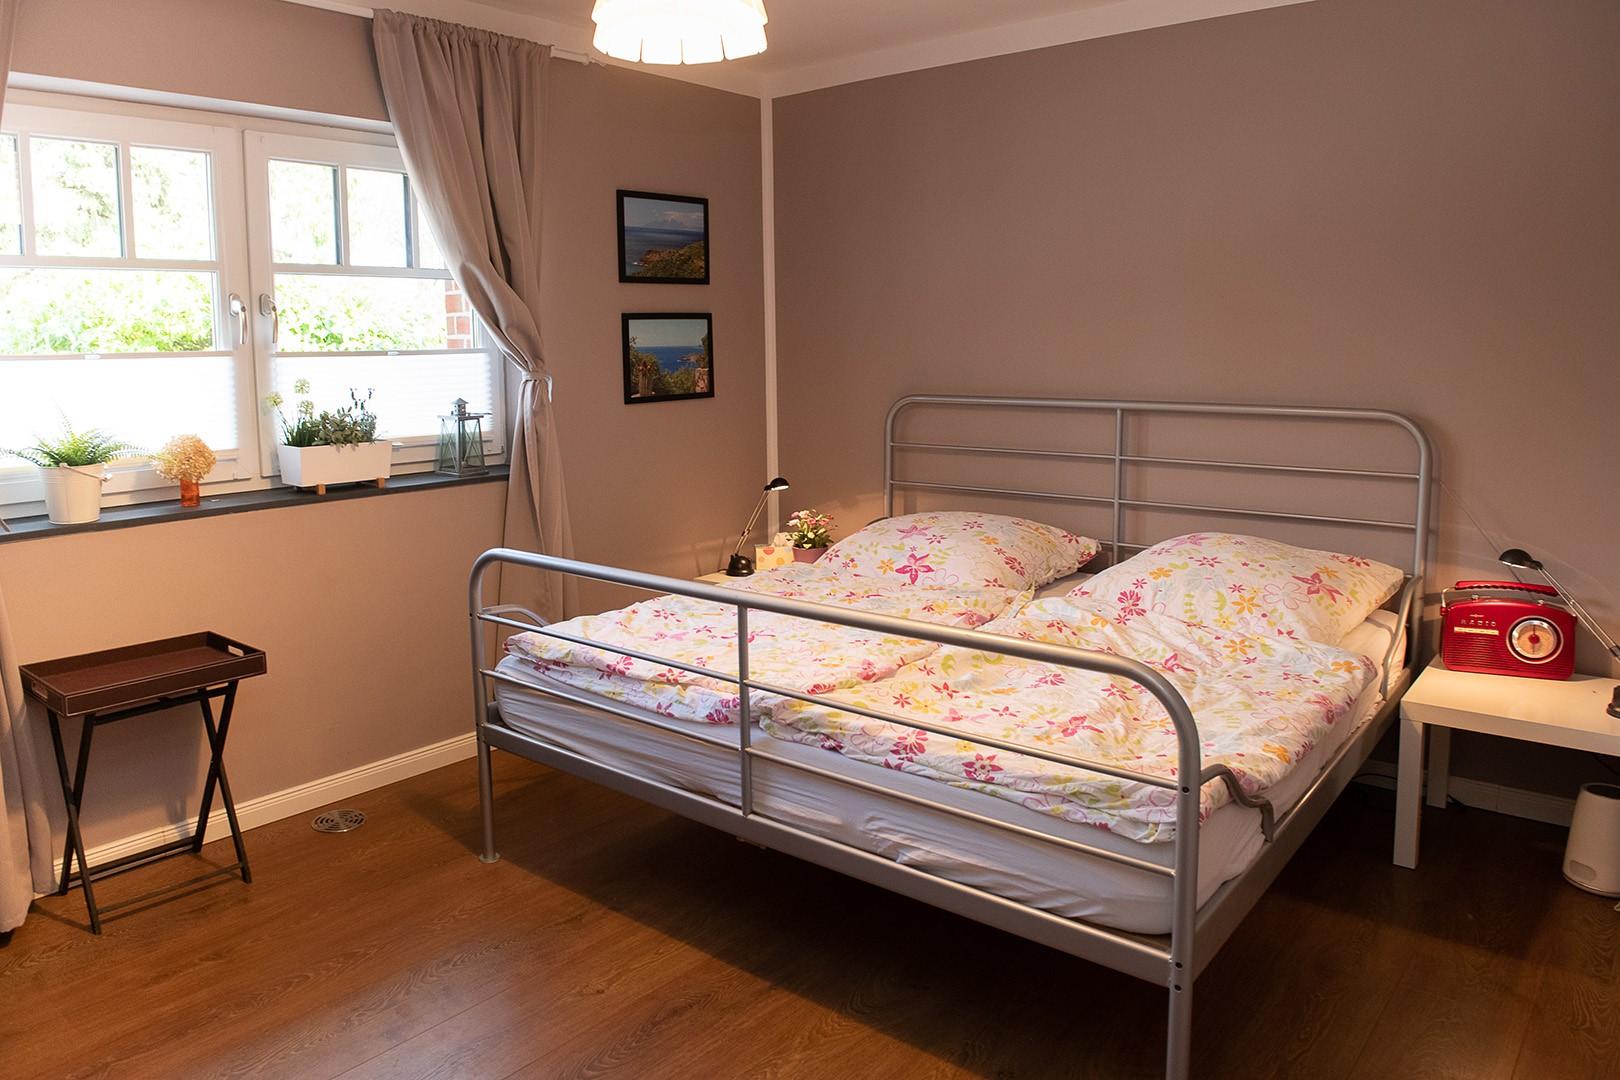 Immobilie Nr.312 - Einfamilienhaus mit Garten & Terrasse & Garage & Carport - Bild 11.jpg